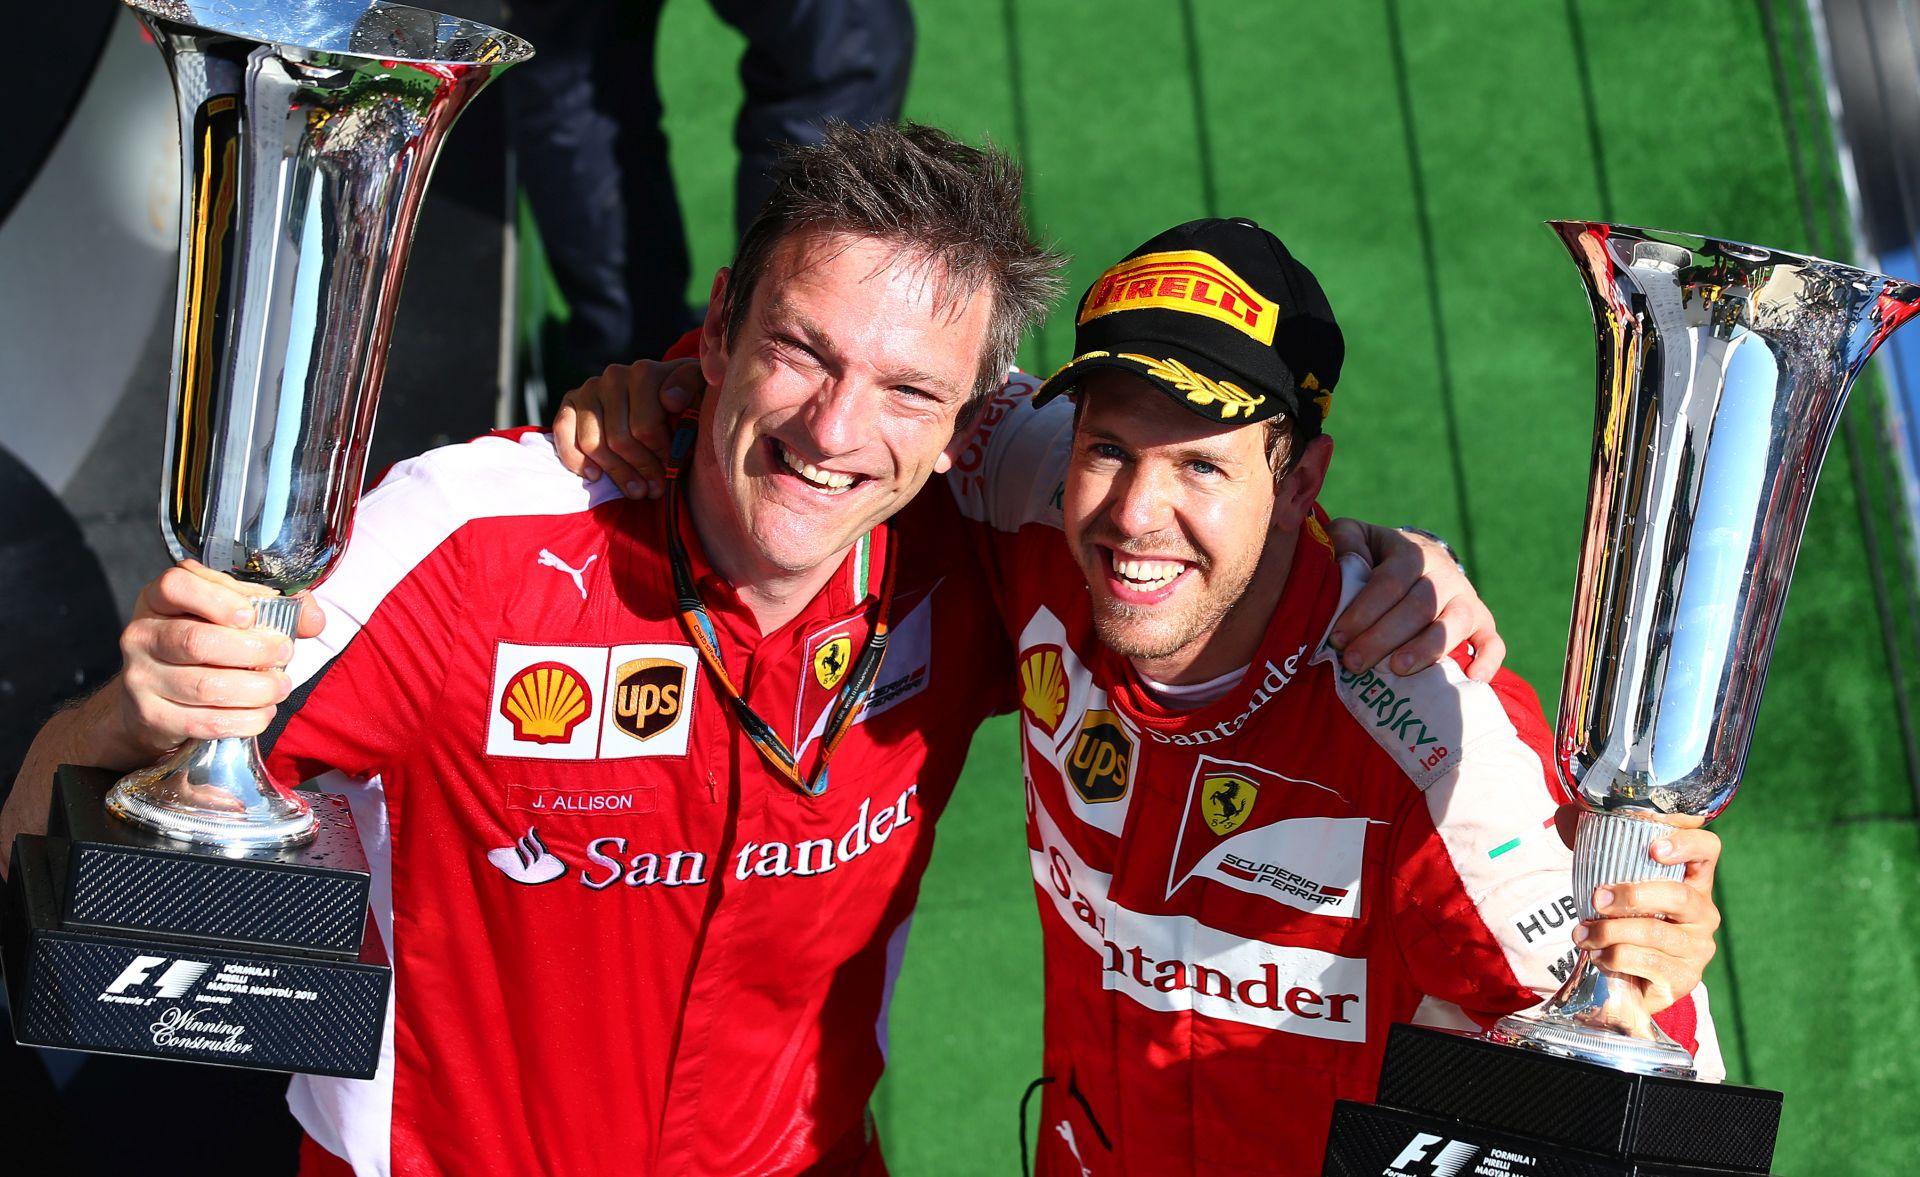 DRUGA POBJEDA SEZONE Vettel pobijedio u F1 Velikoj nagradi Mađarske